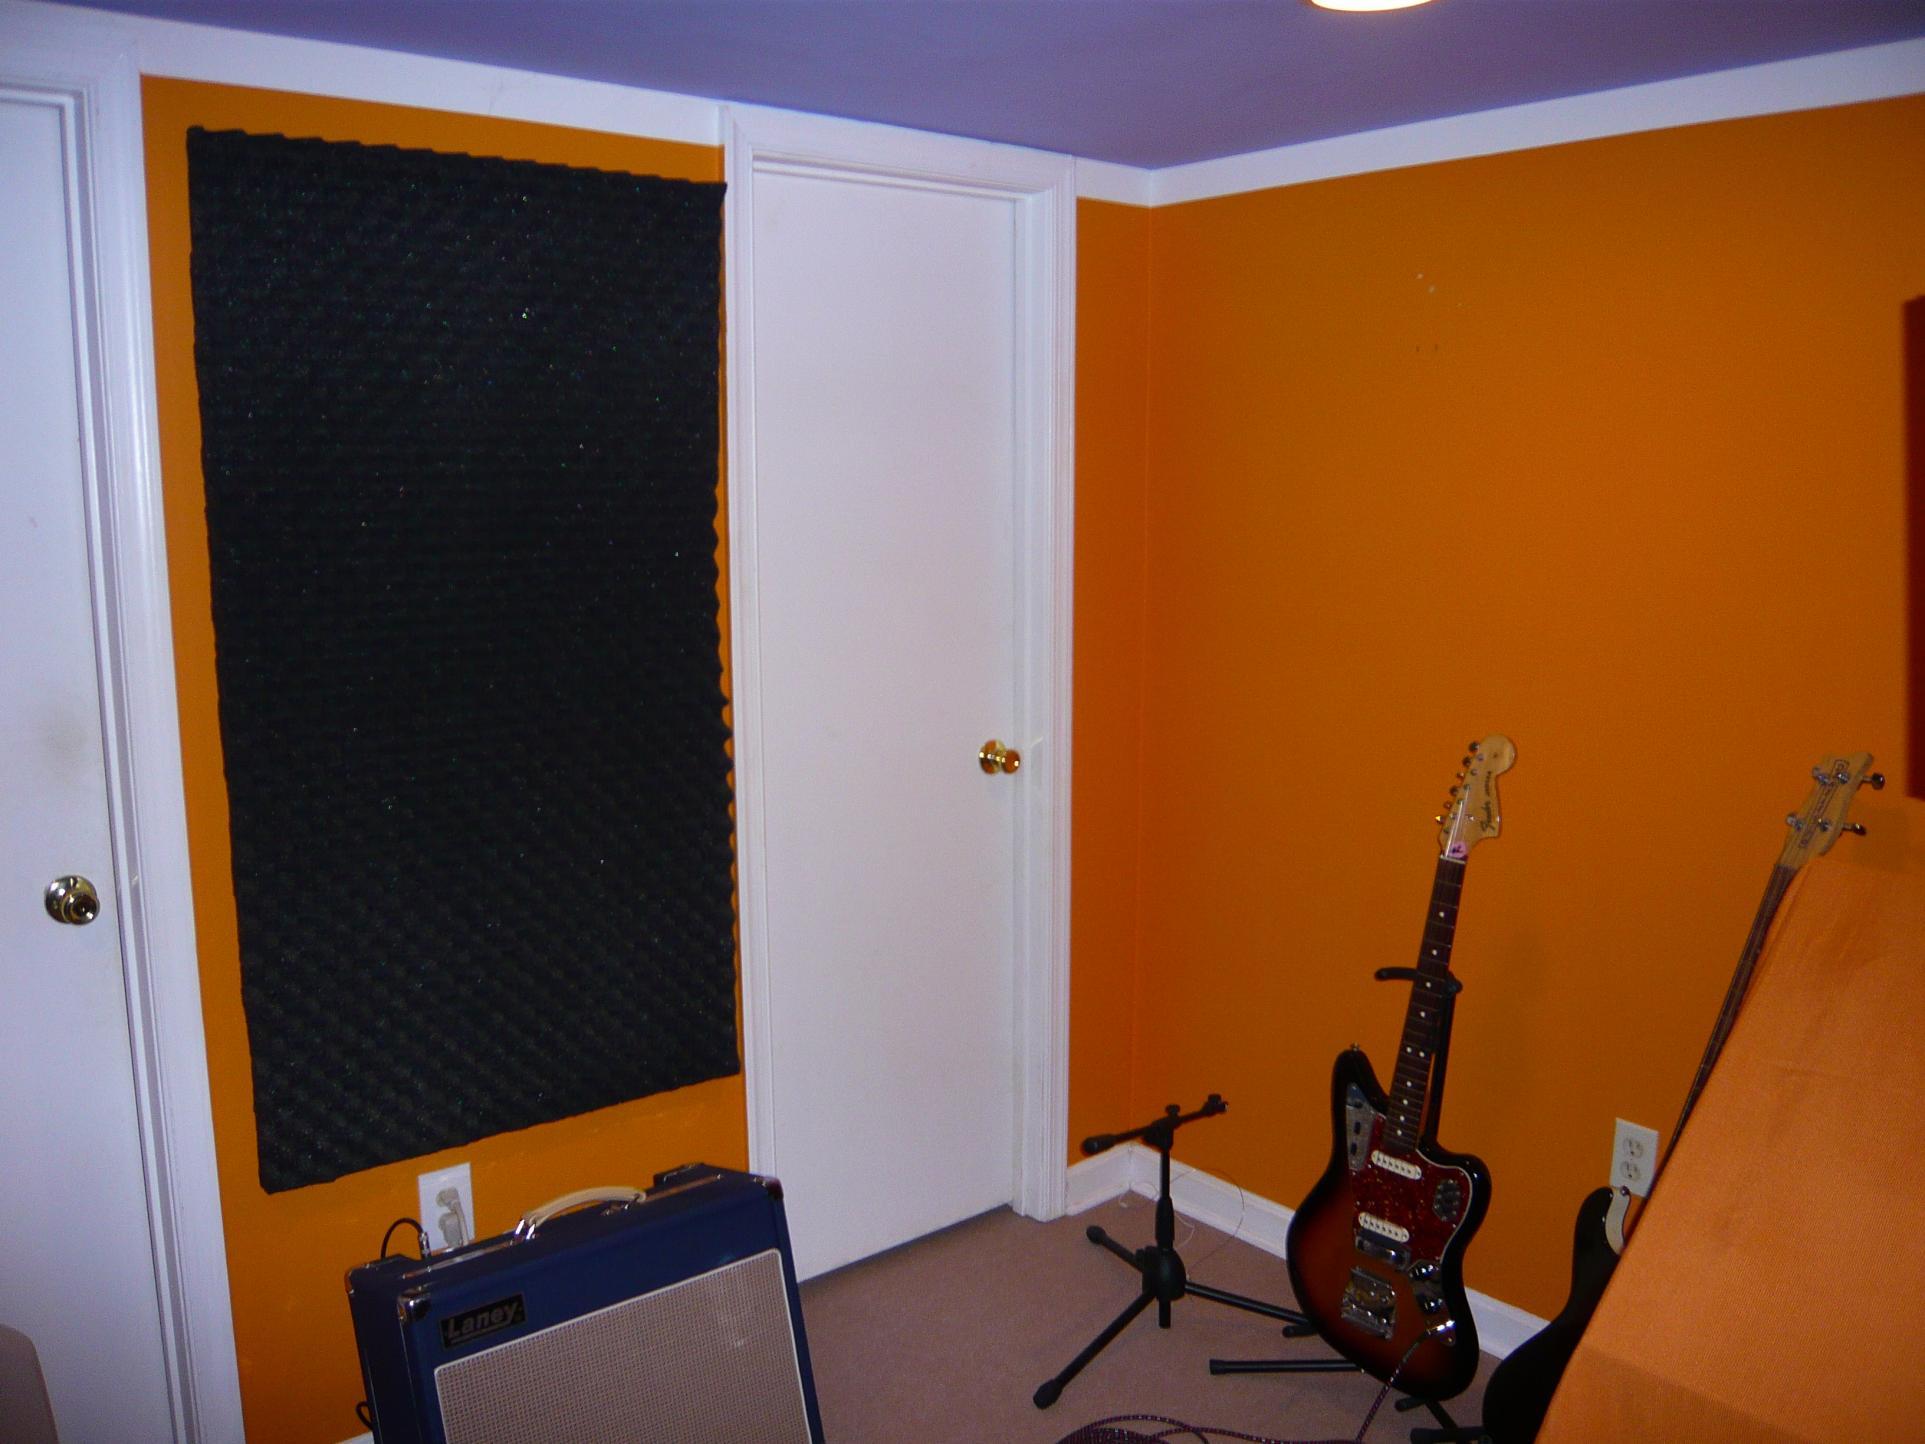 Door soundproofing panels door soundproofing residential kitsc door soundproofing panels u0026 acoustic panels and a soundproofing door for a test room eventelaan Choice Image